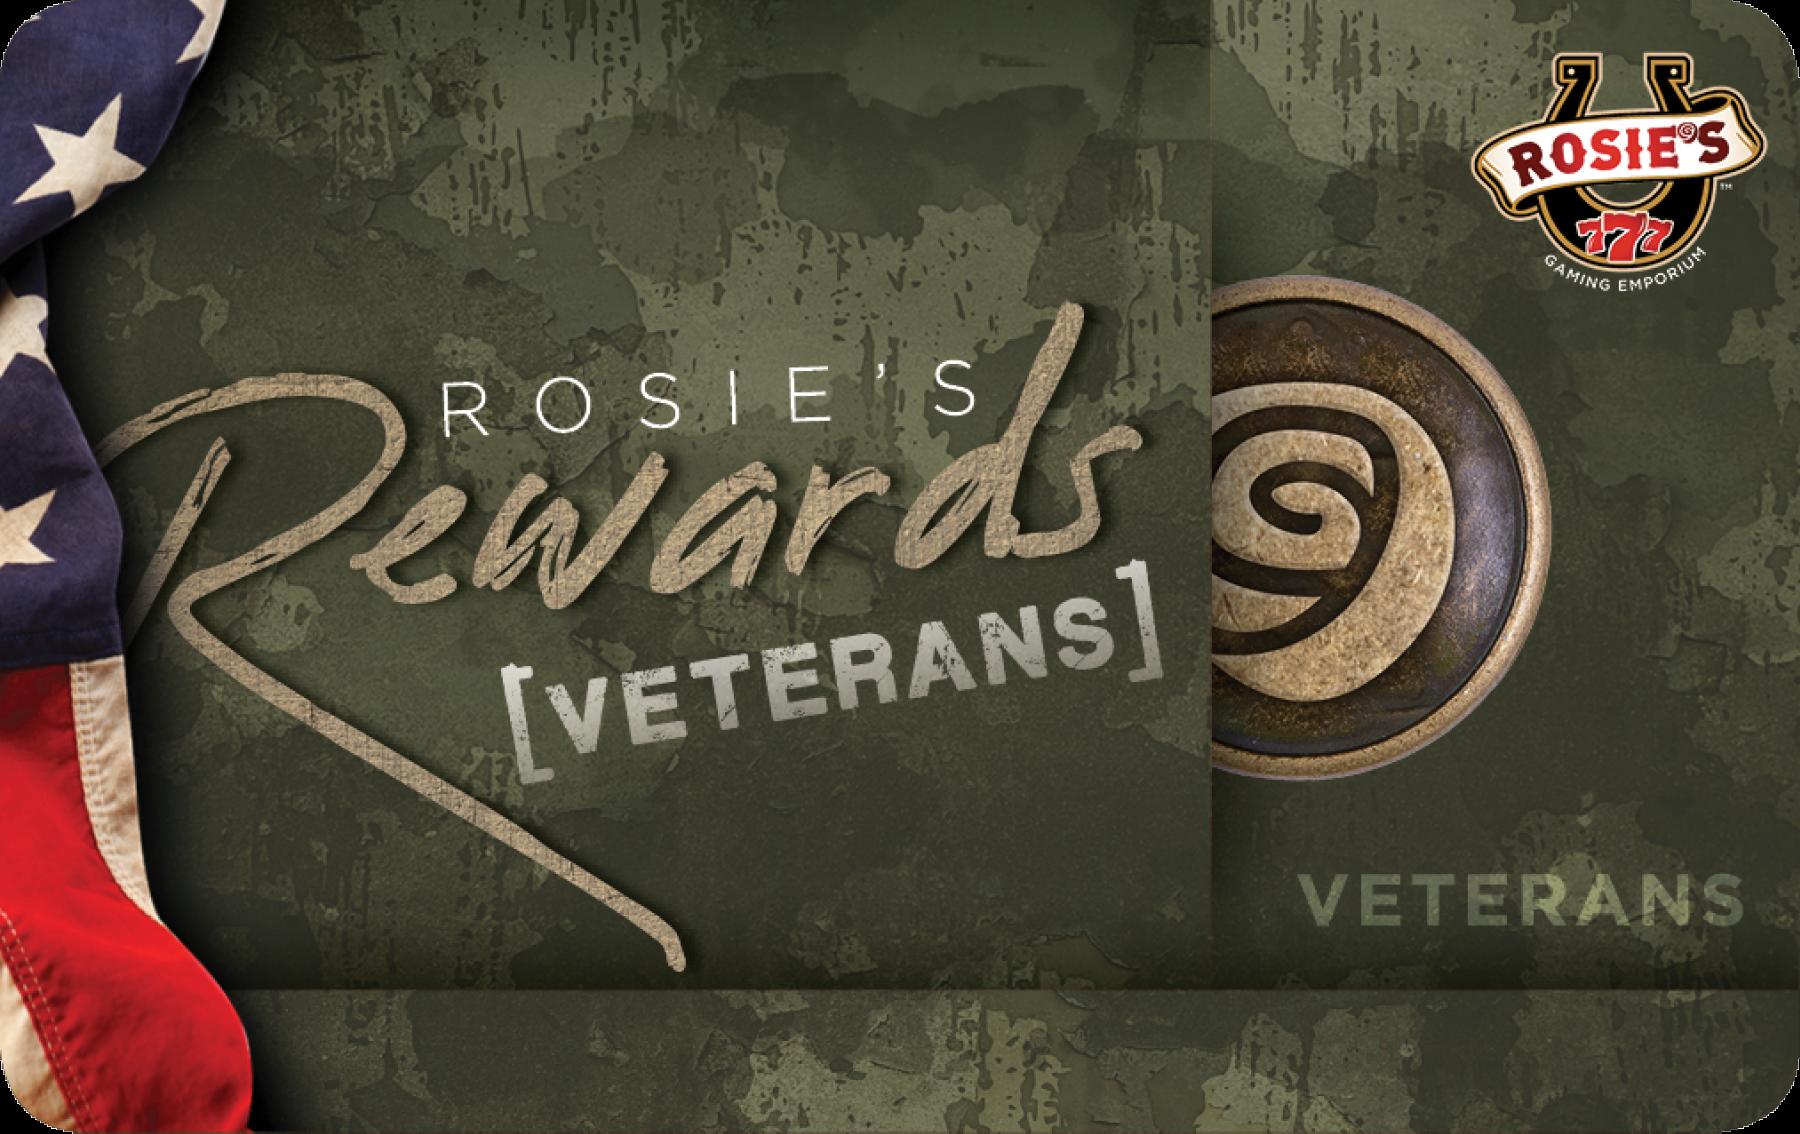 Rosies Veterans Rewards Card